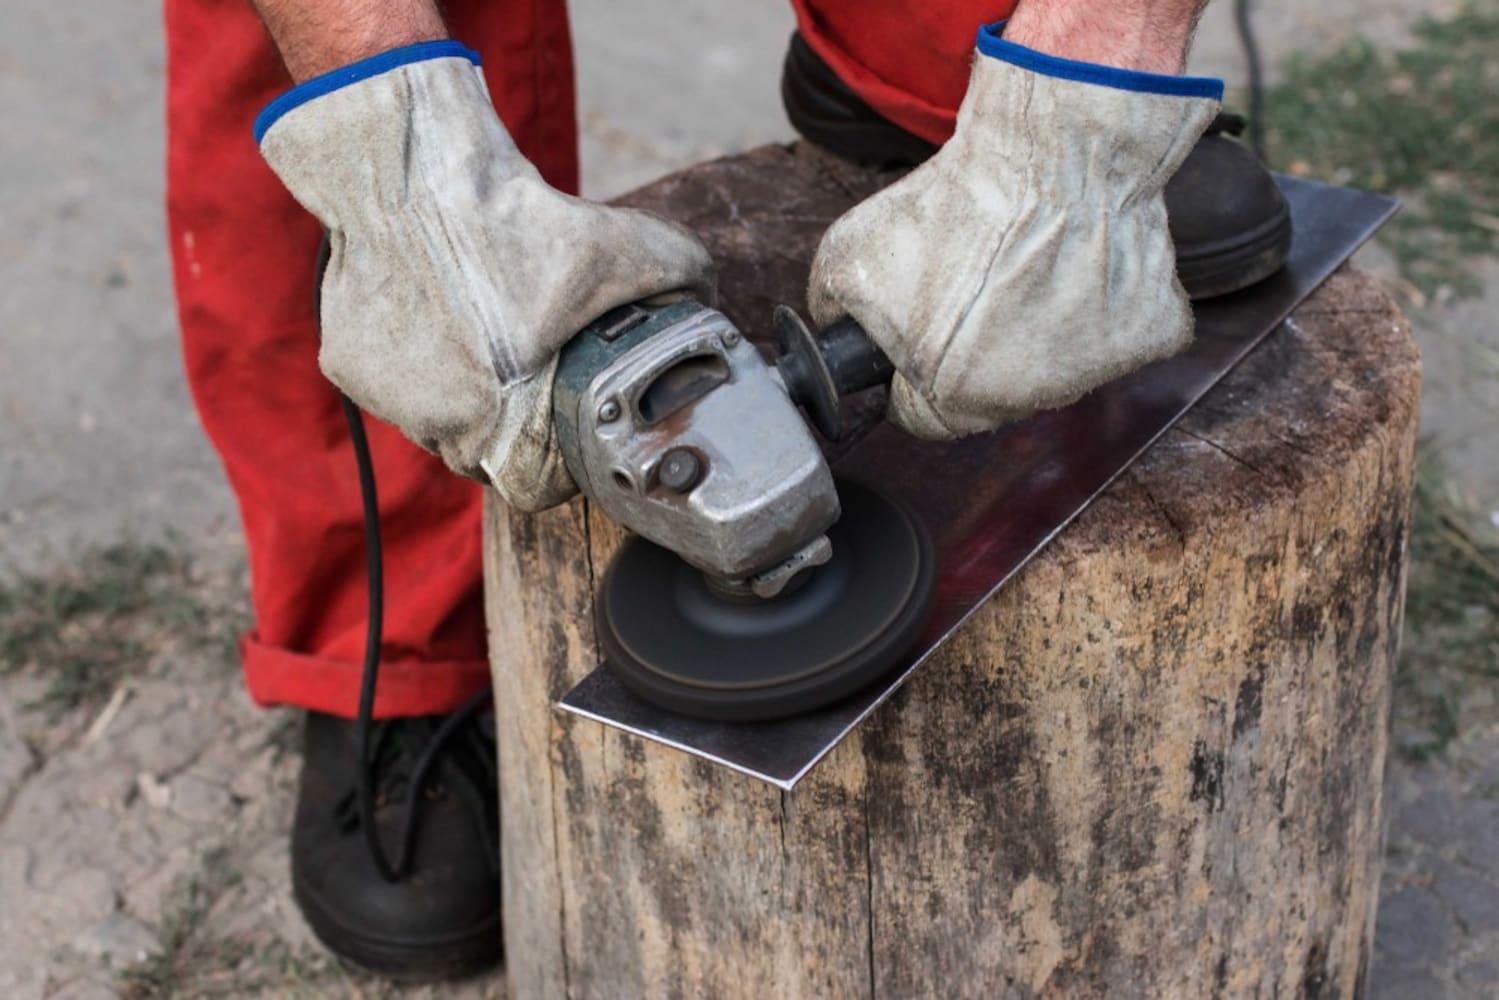 回転数|研磨の場合30000/m以上がベター、木材等では5000程度あれば十分